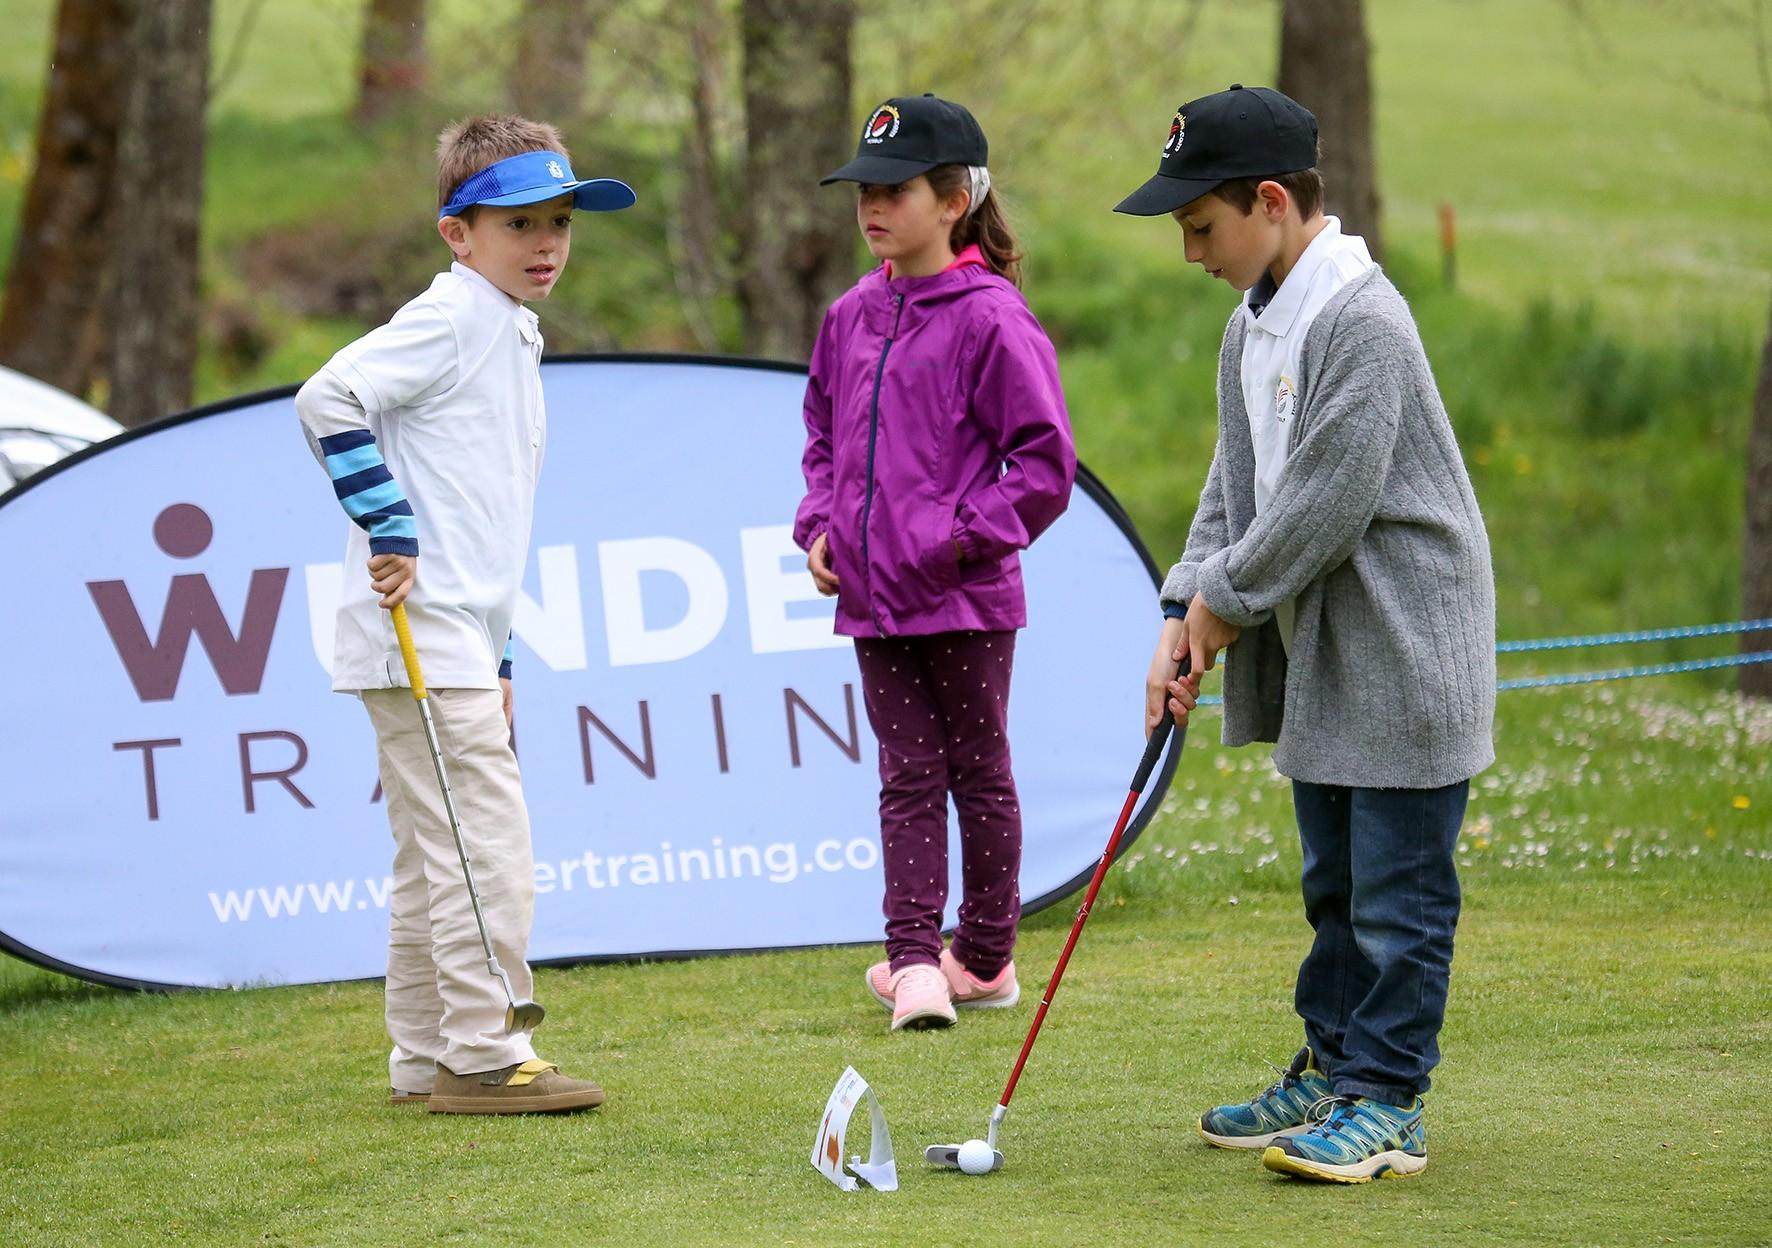 5e-torneig-golf-a-les-escoles-3